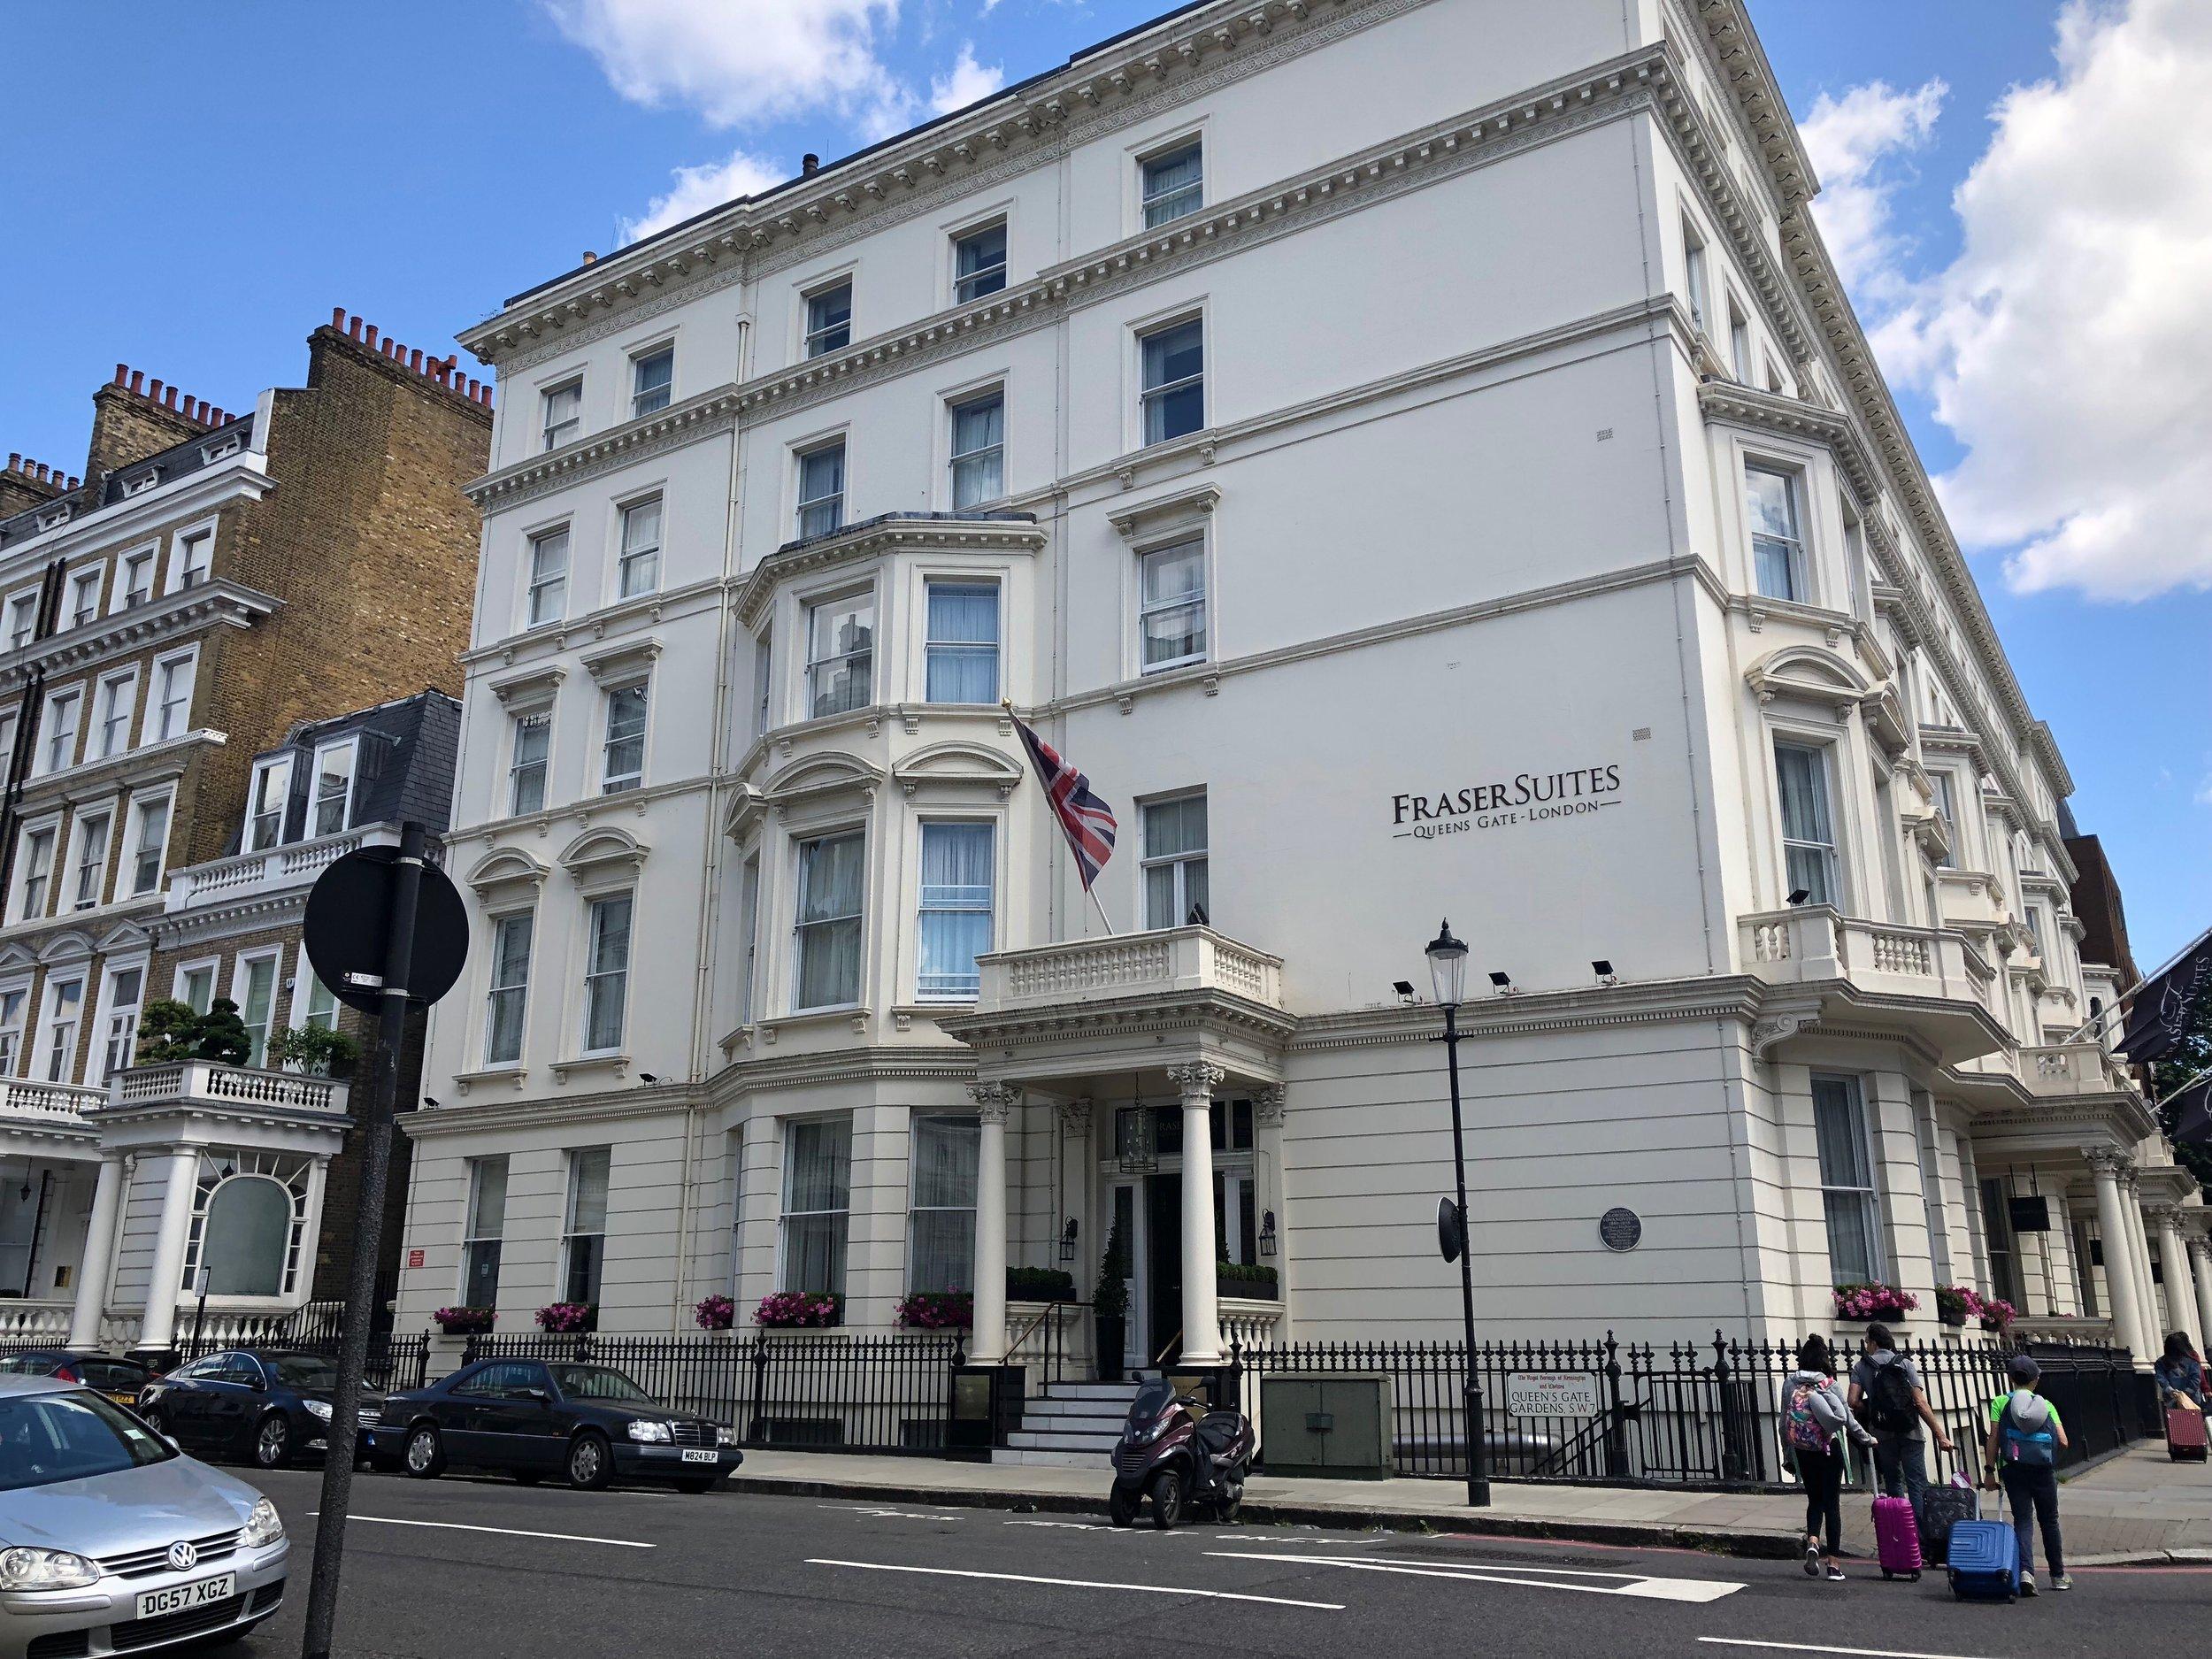 hébergement à Londres-London-Fraser Suites-Queen Gate-London-Jaime Damak-Angleterre-Booking.com-voyager en famille-hôtel-Voyage-Je suis une maman